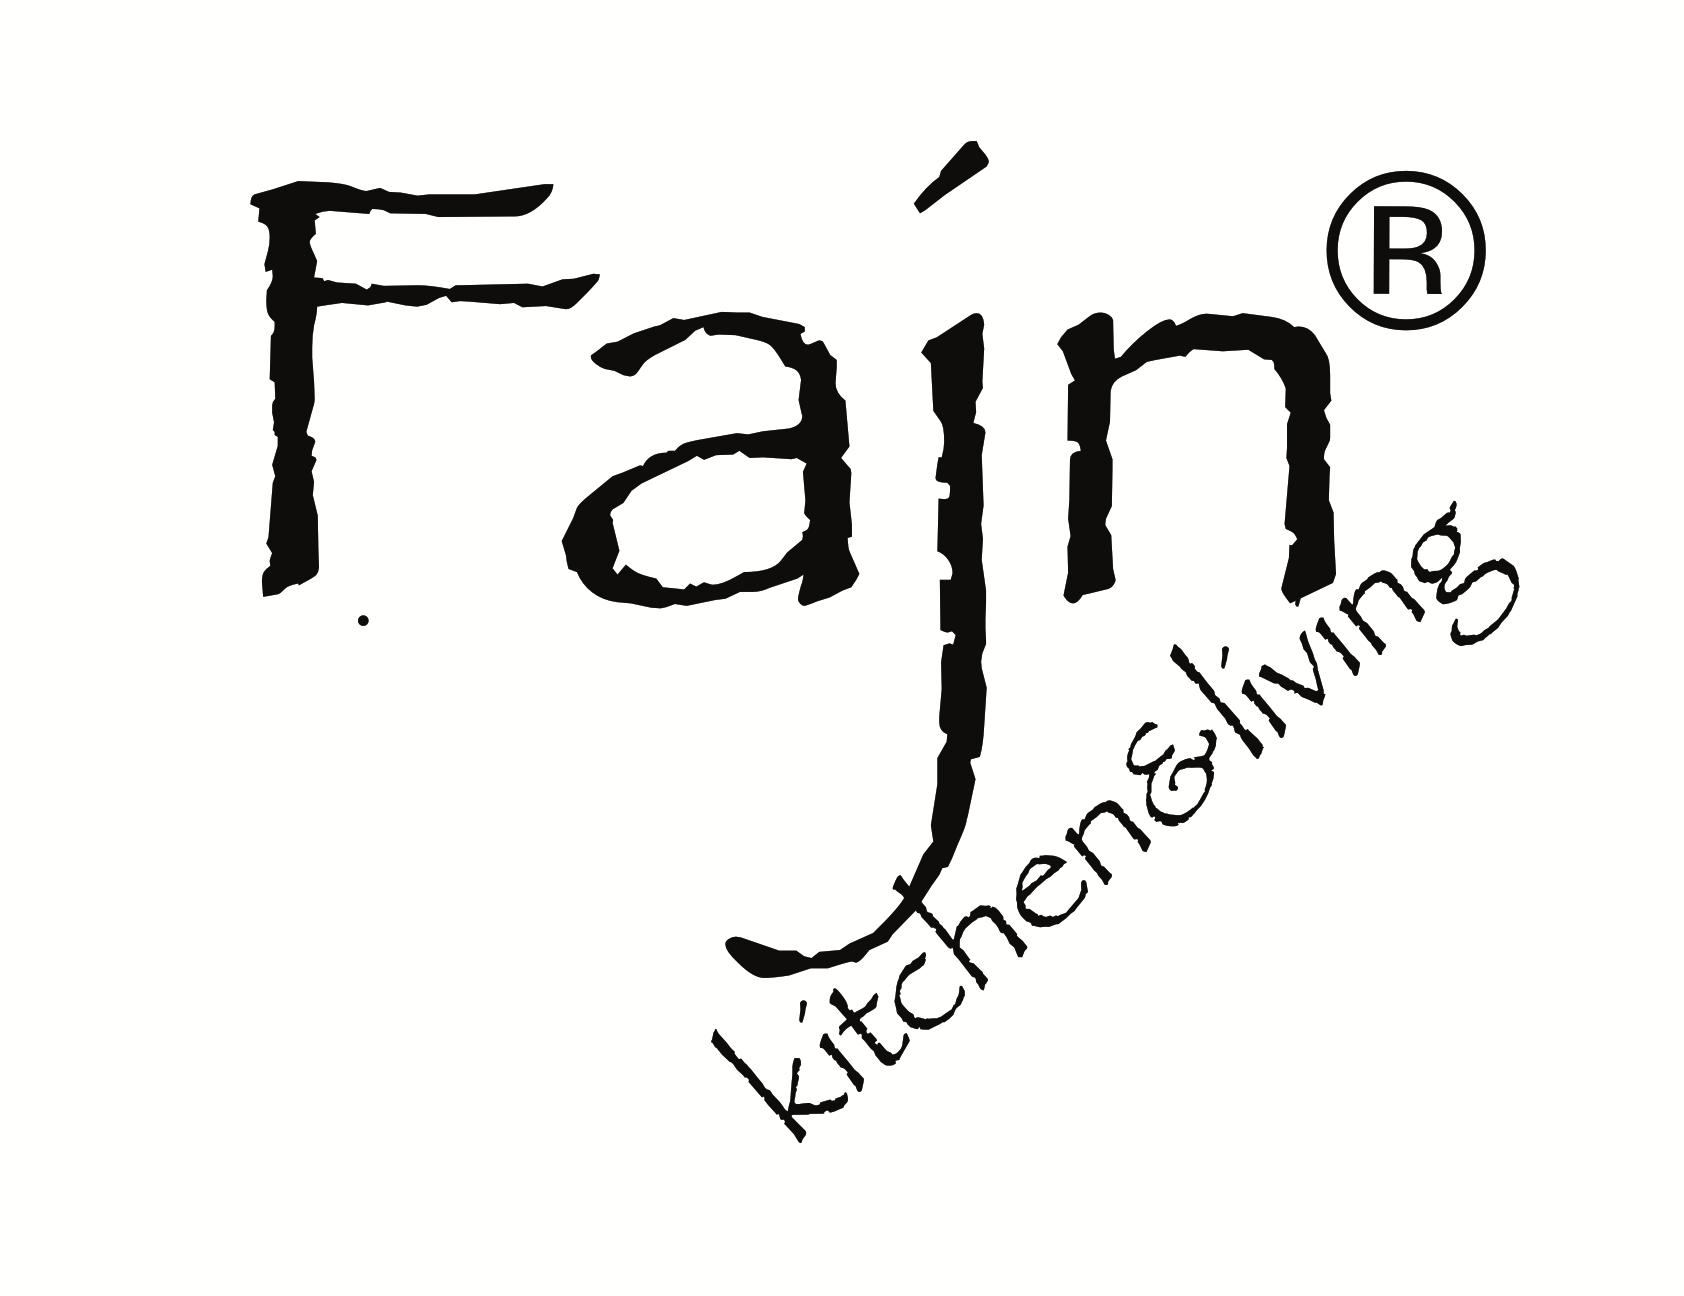 Fajn_Rpng